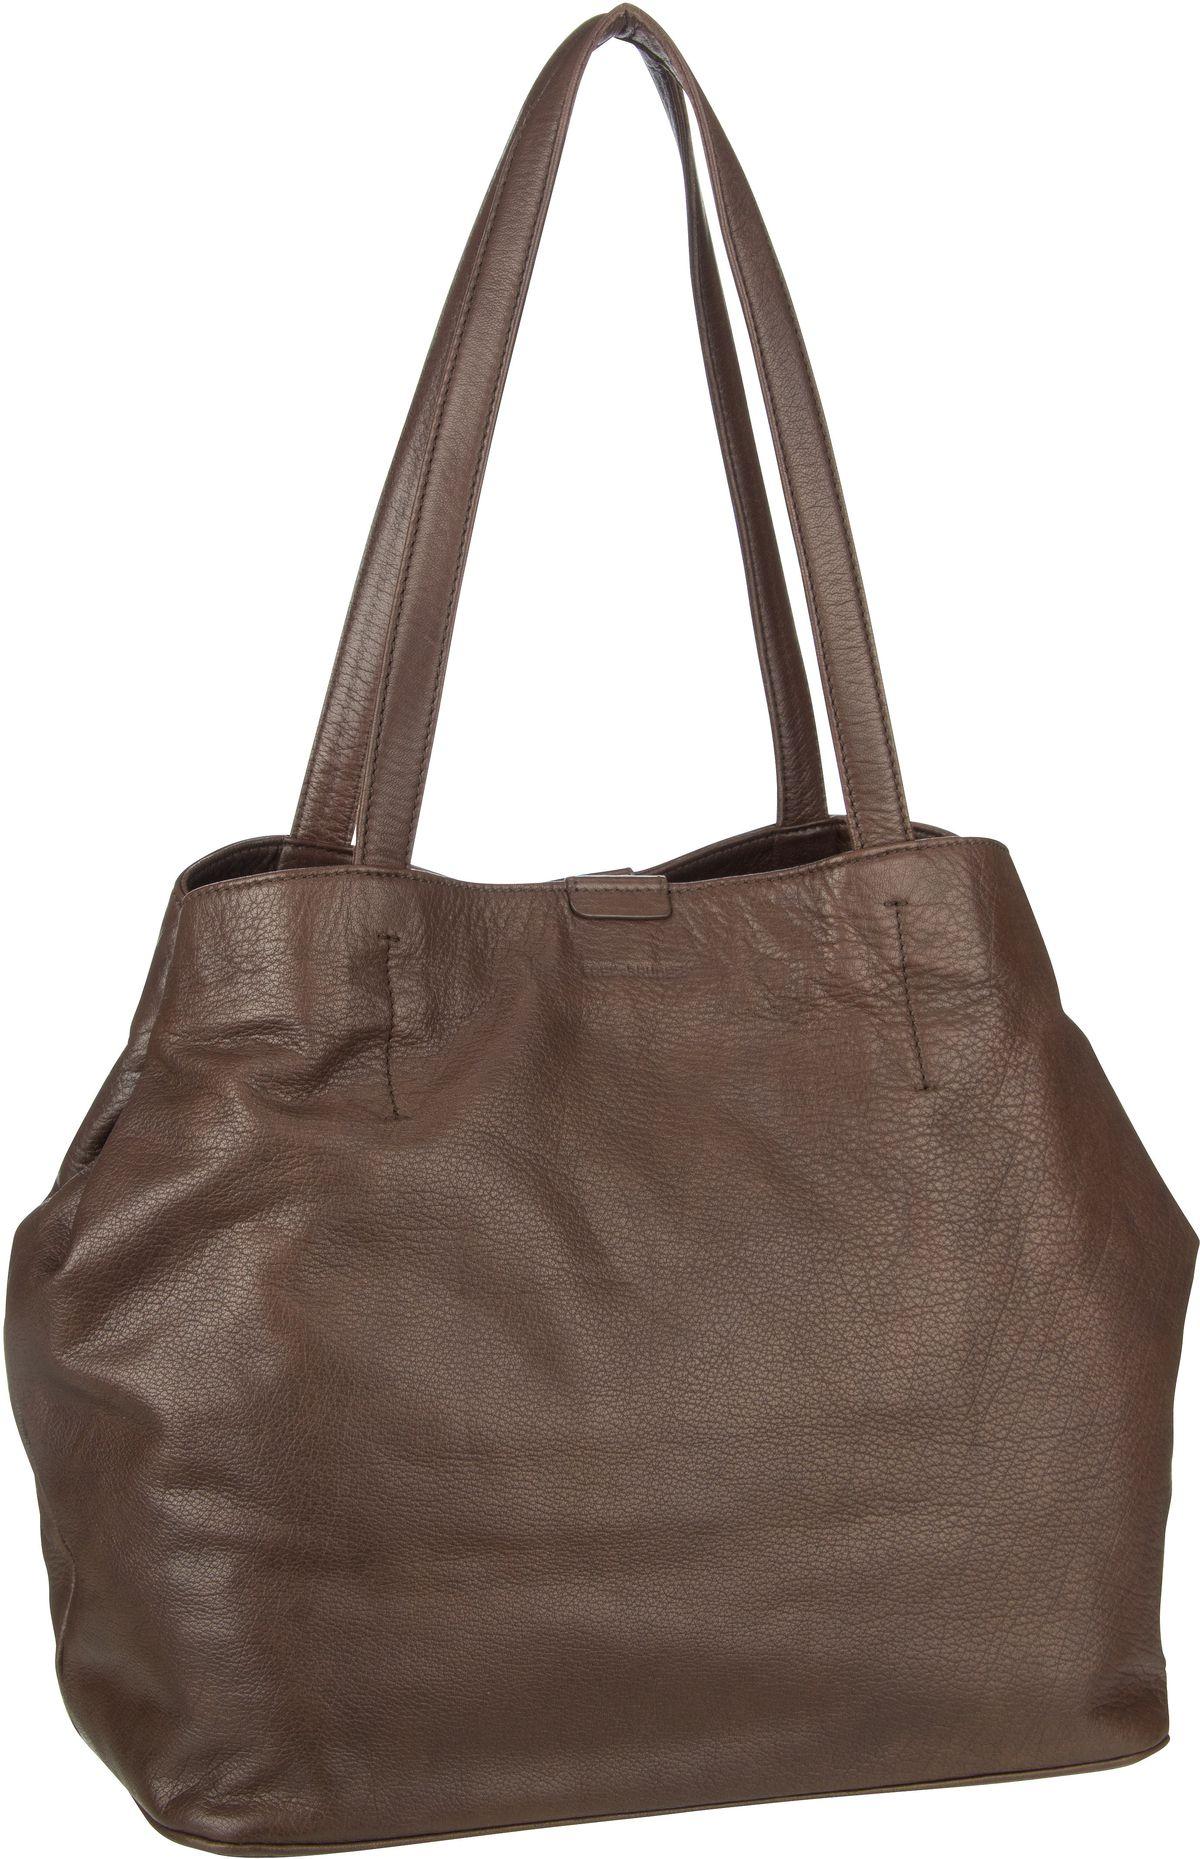 Handtasche Snatch Taupe